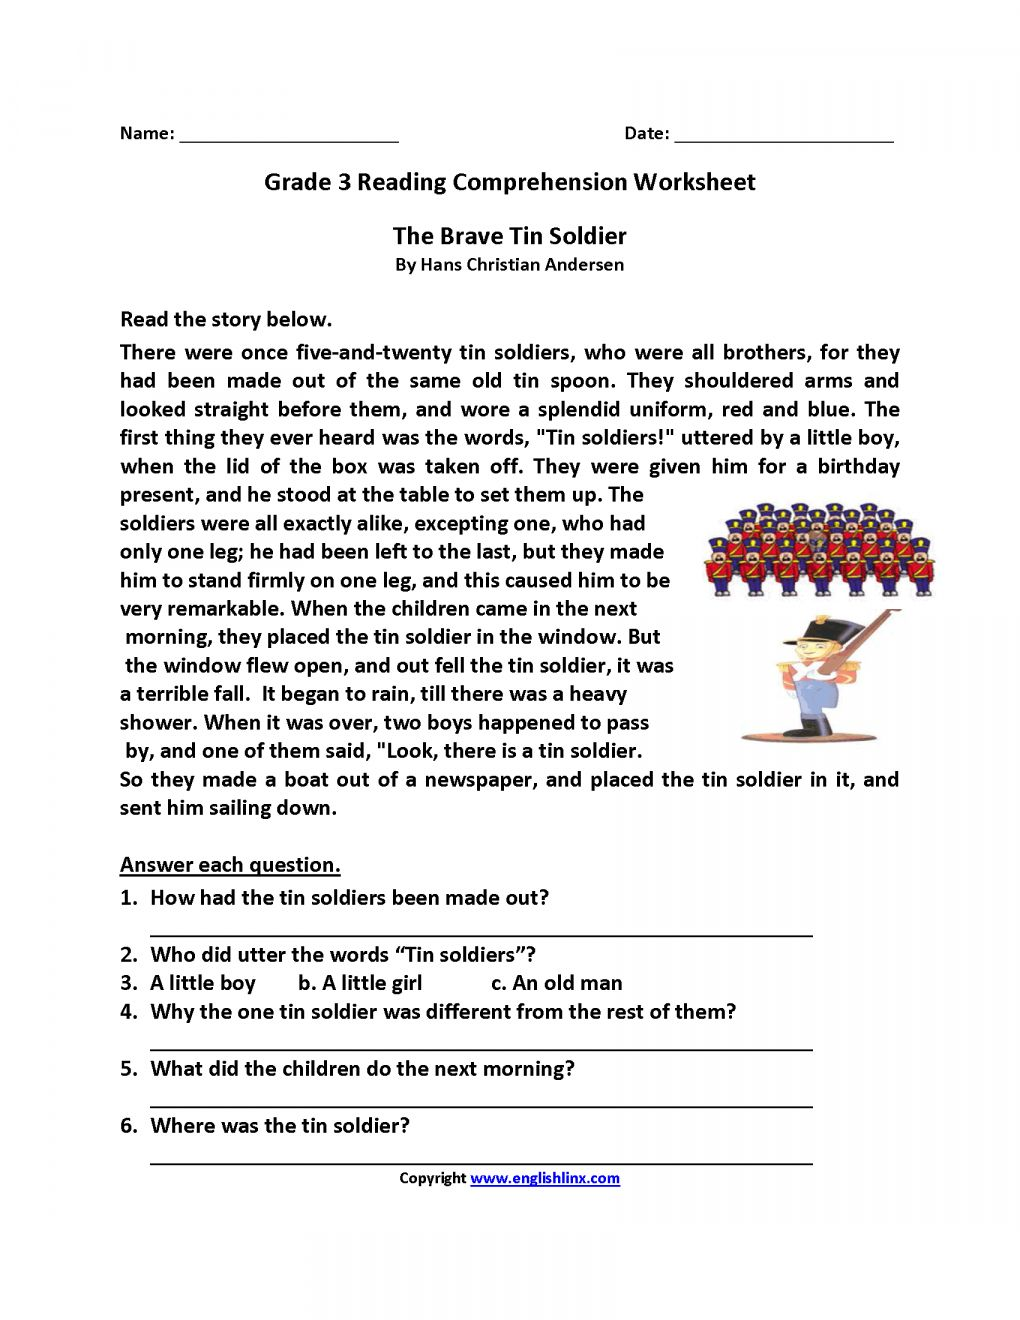 medium resolution of 8+ 3Rd Reading Comprehension Worksheet   Reading comprehension worksheets